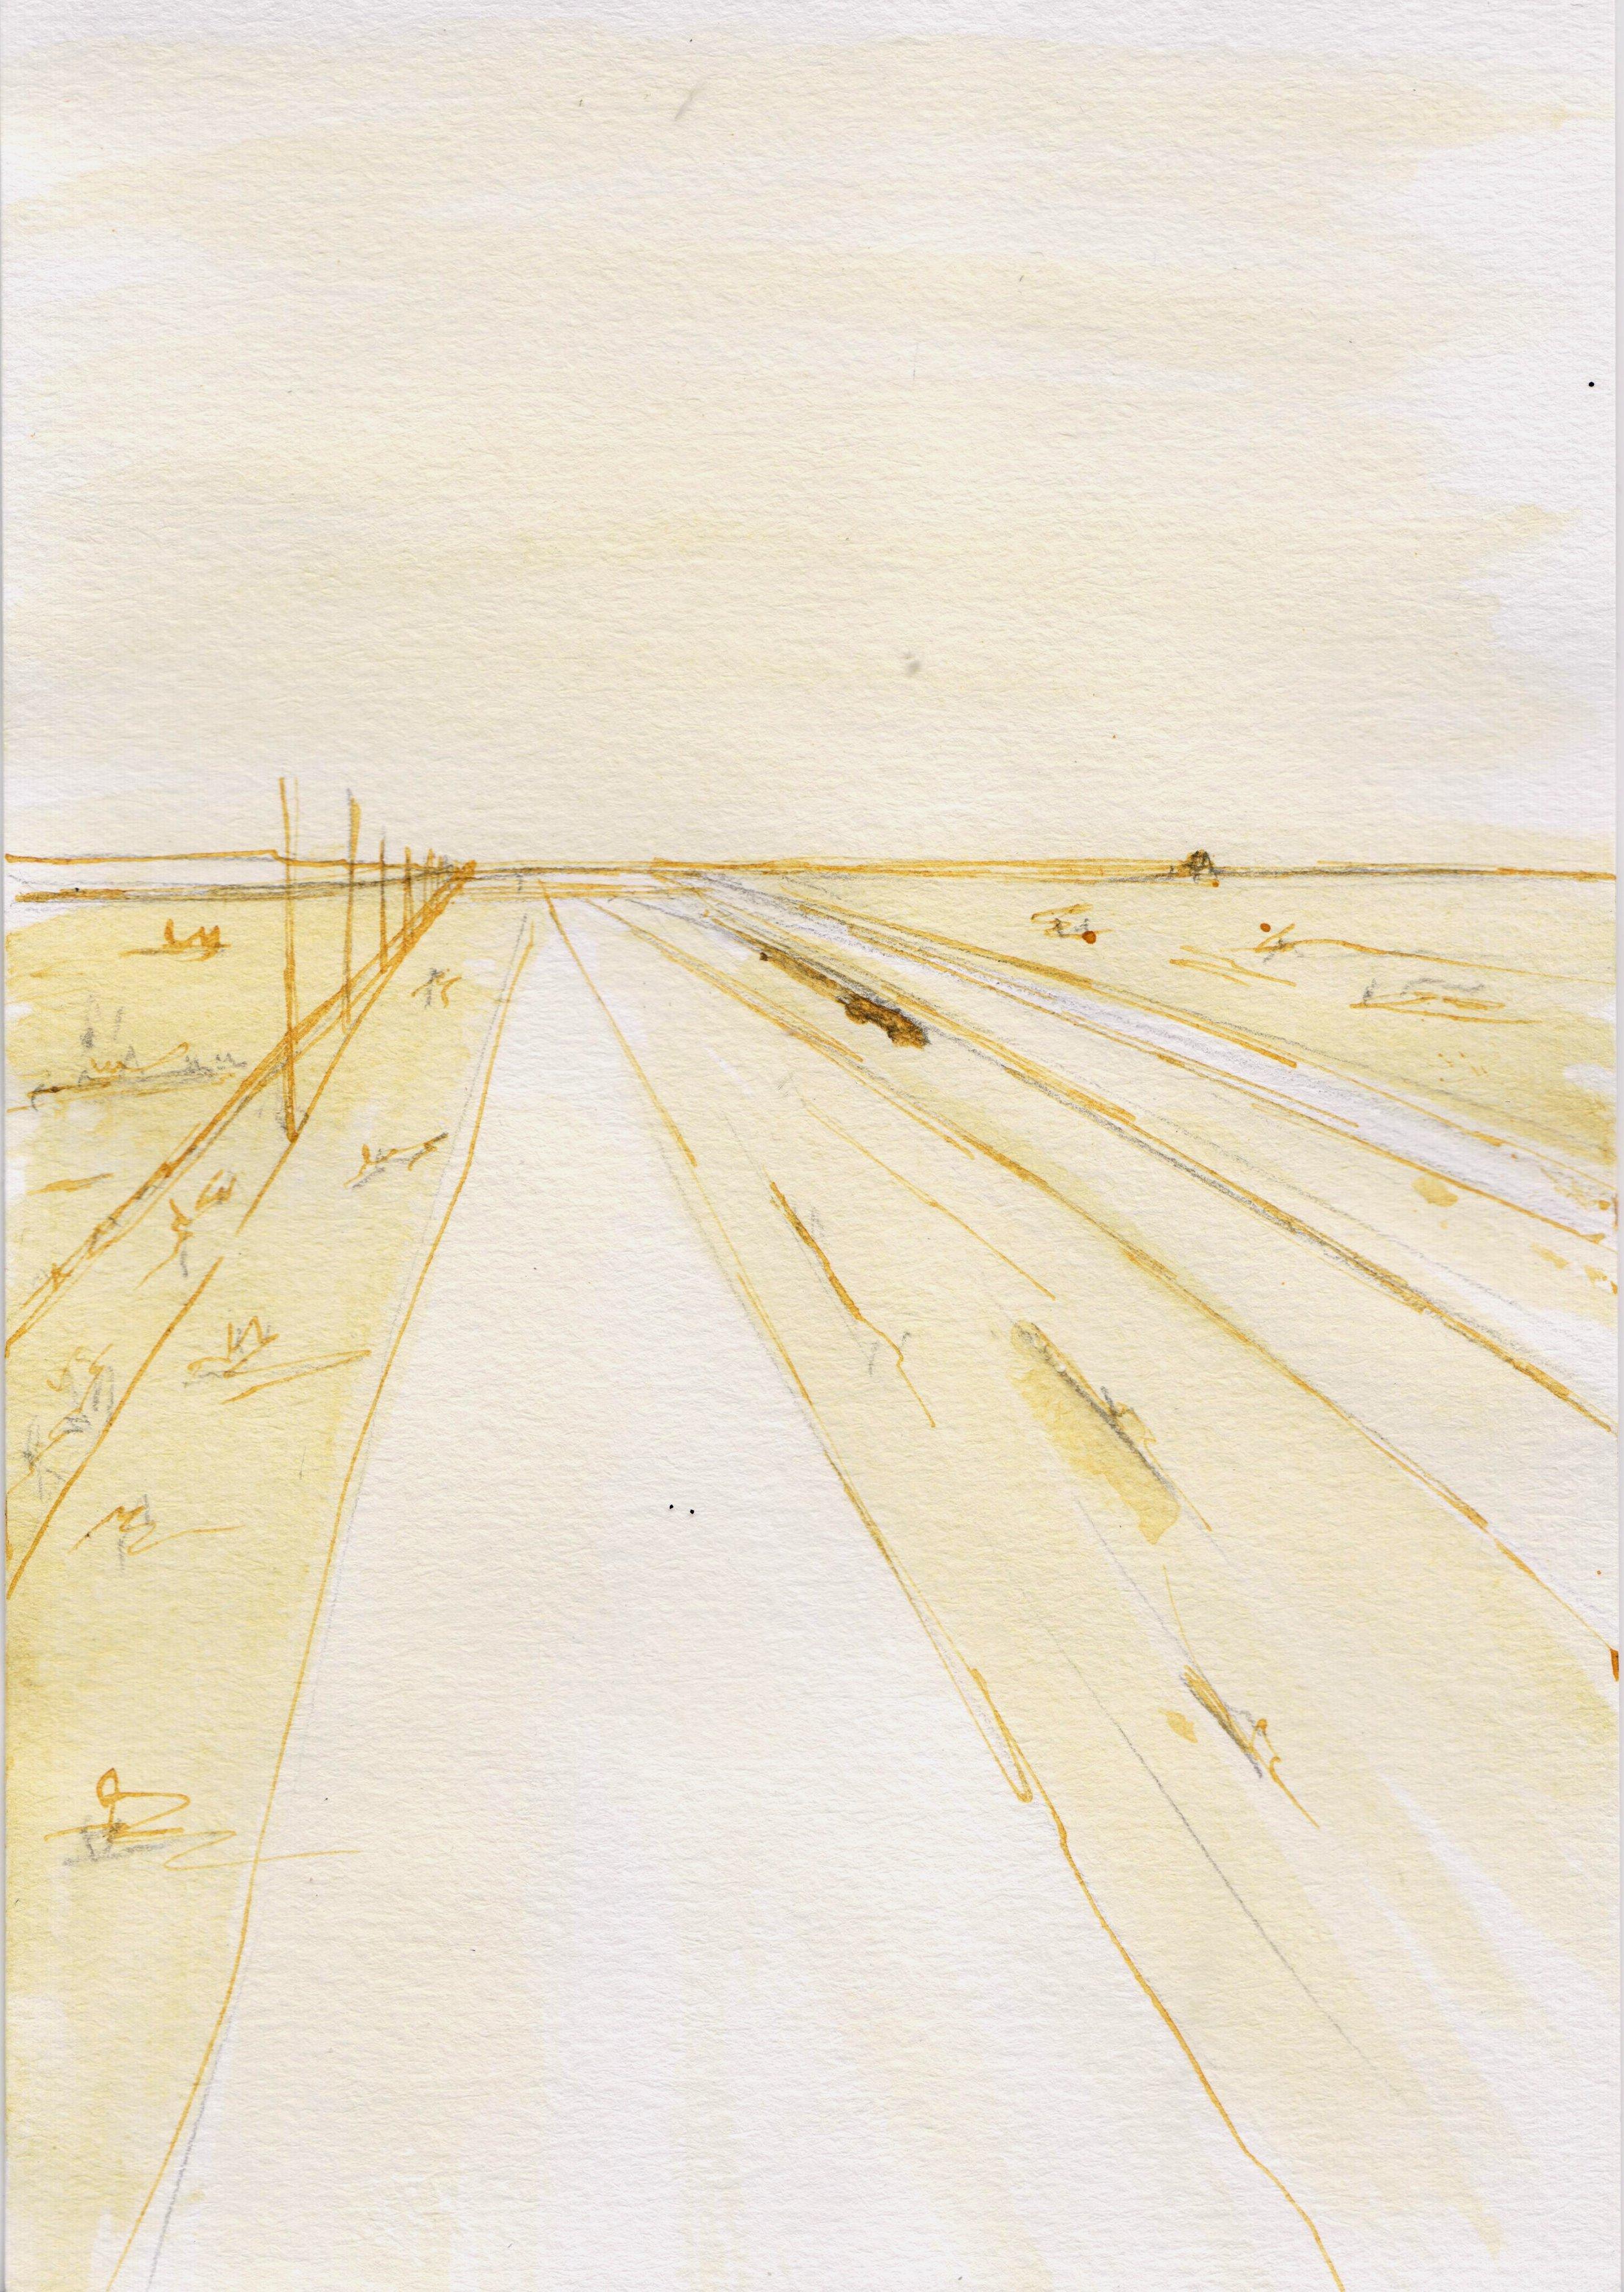 West Texas Desert 2 001.jpg